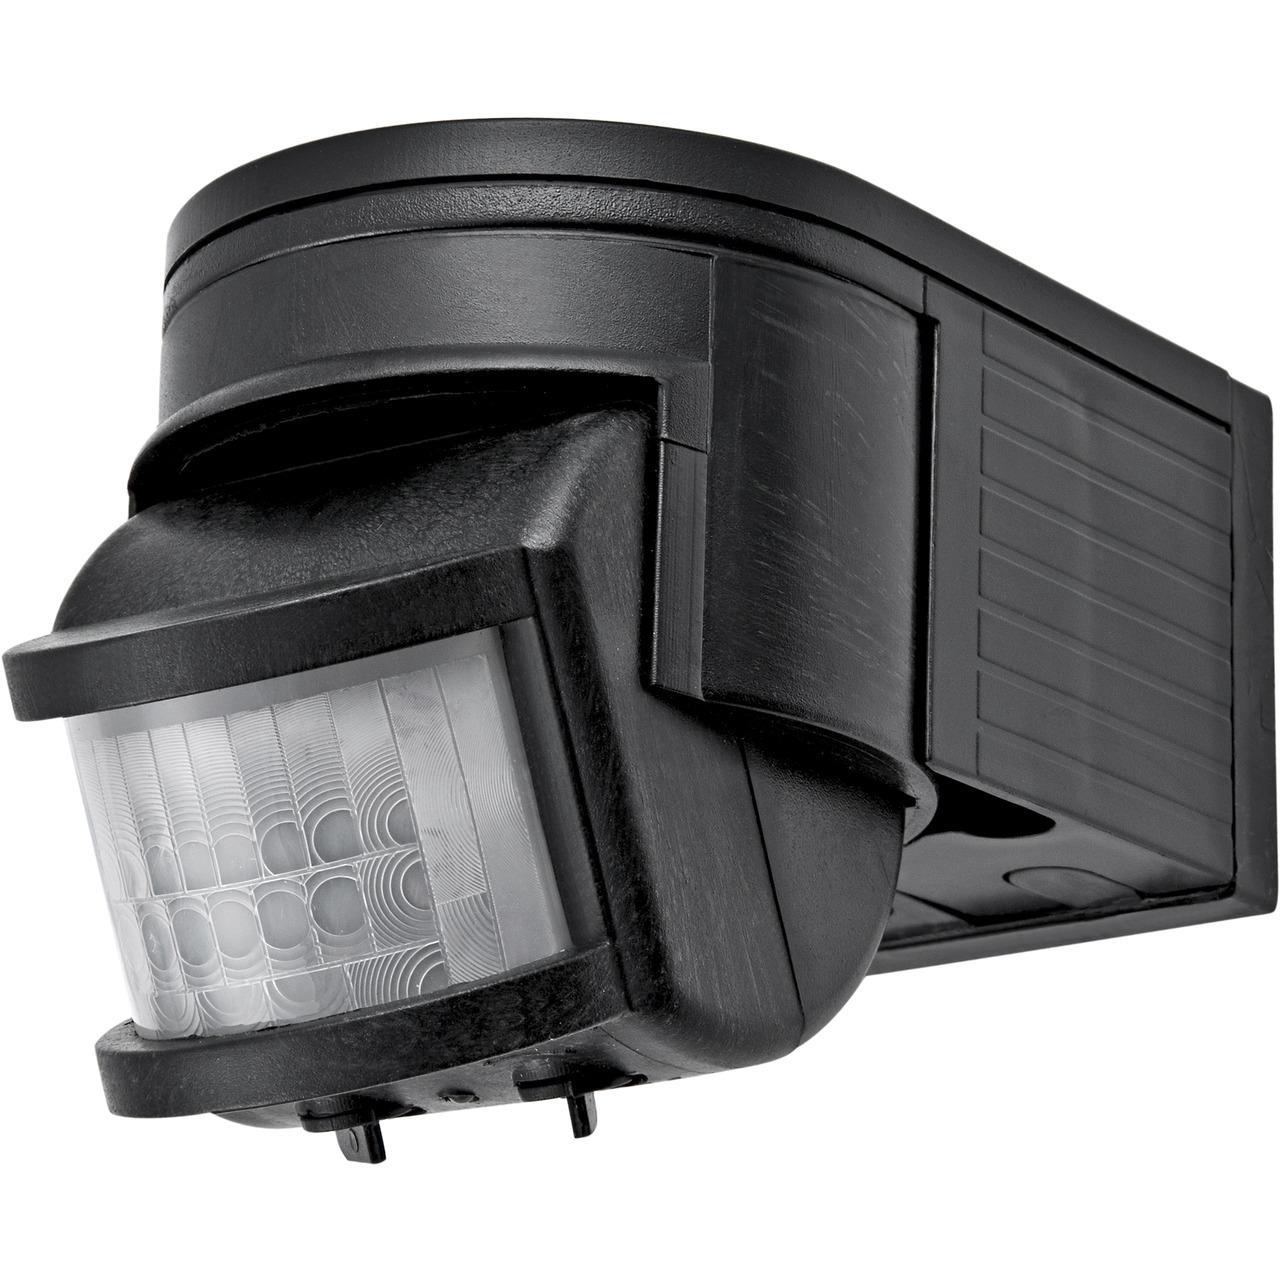 HEITRONIC SALO 180- Bewegungsmelder- schwarz- LED-geeignet